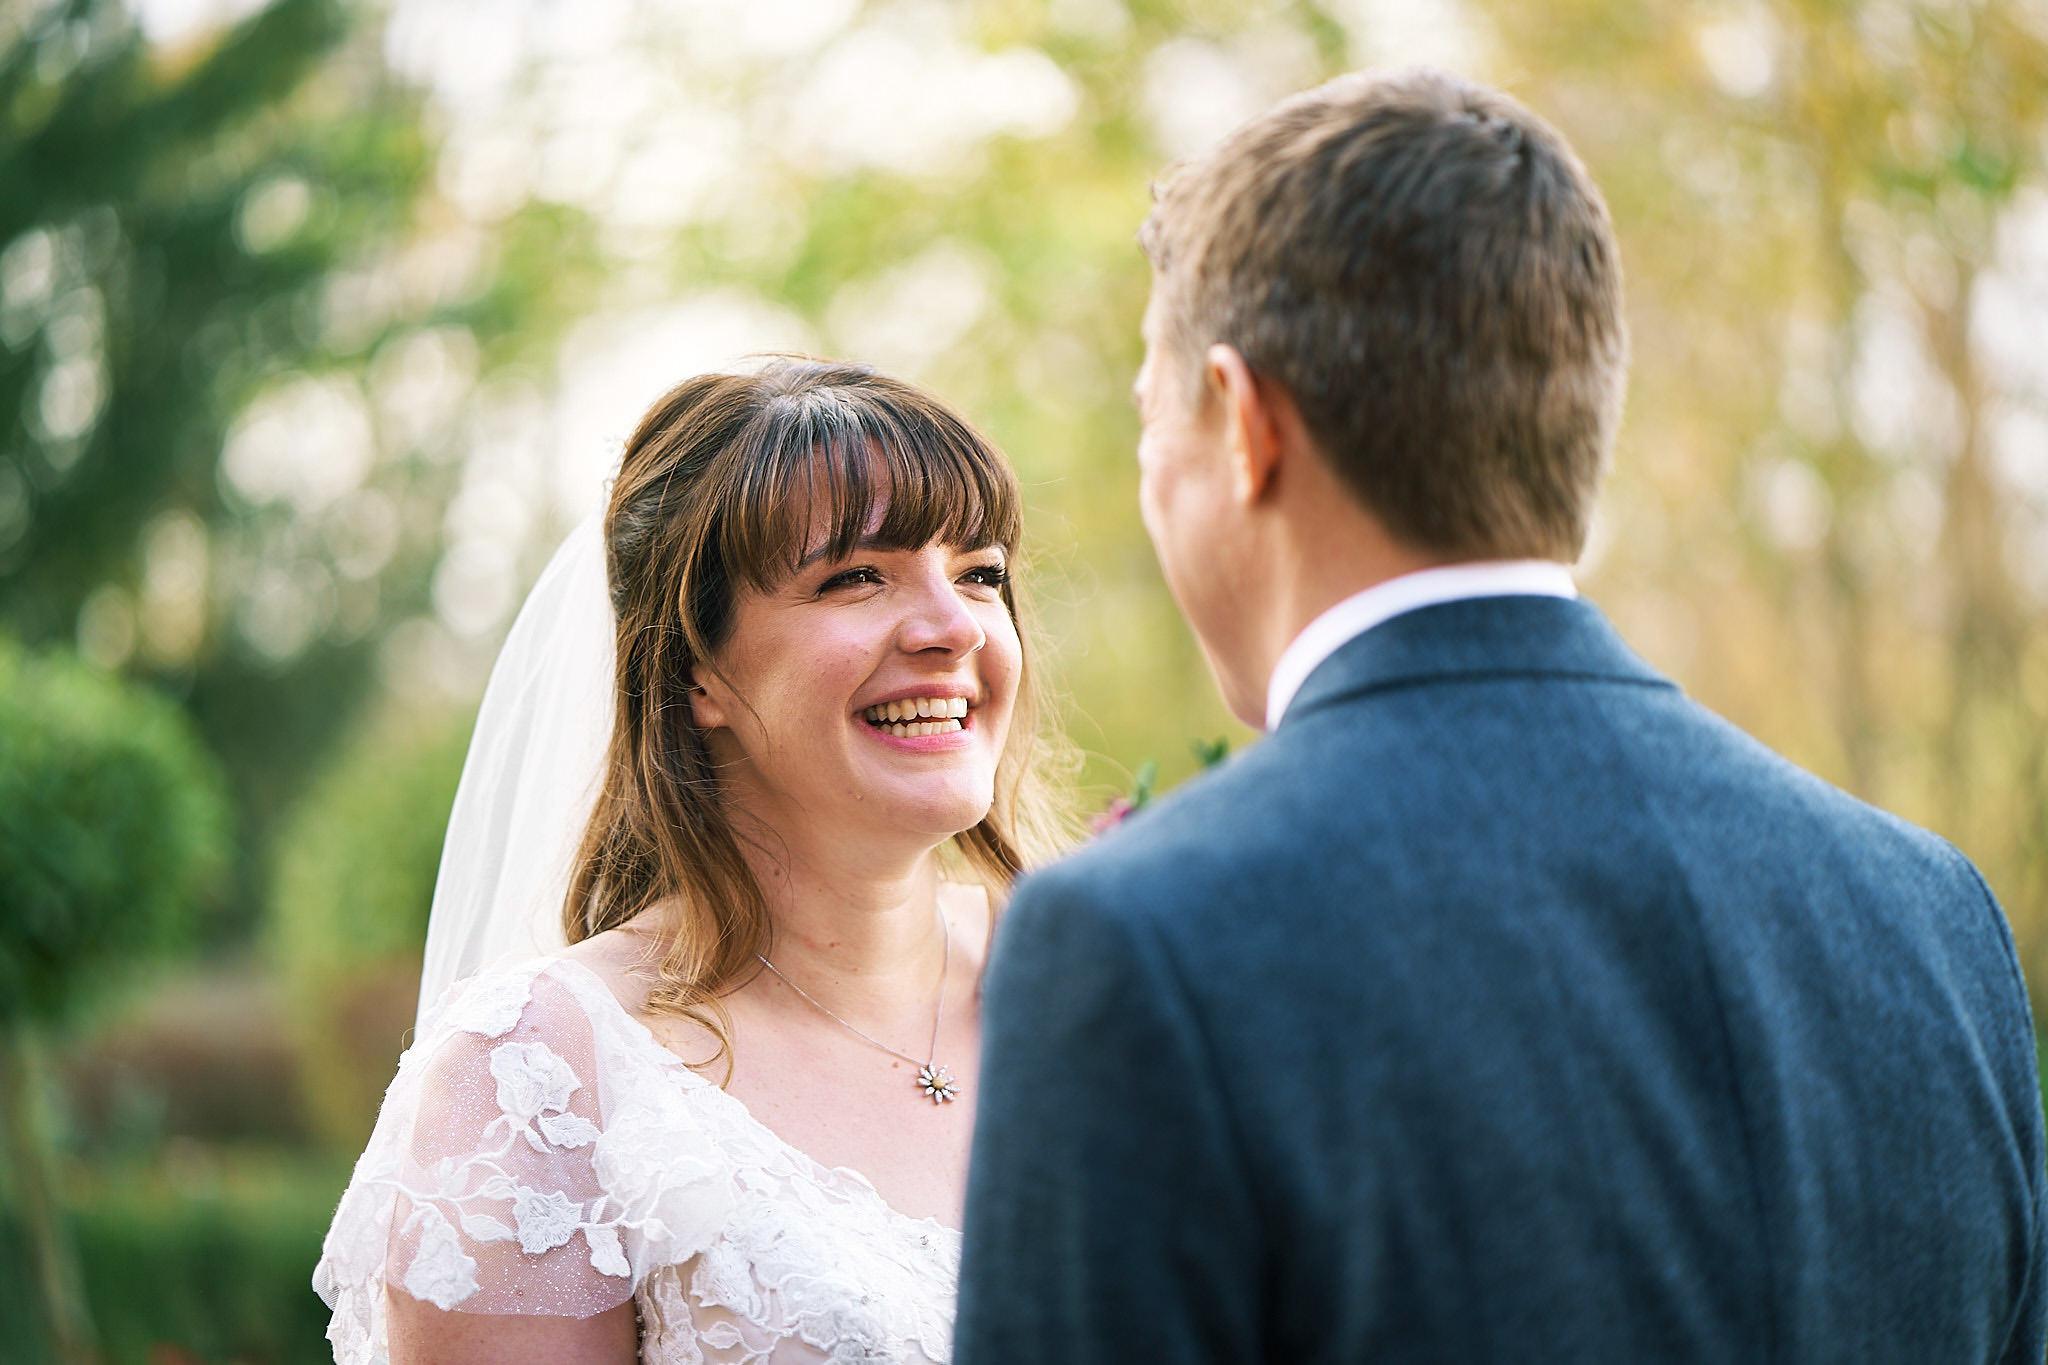 focus on brdie looking at her groom